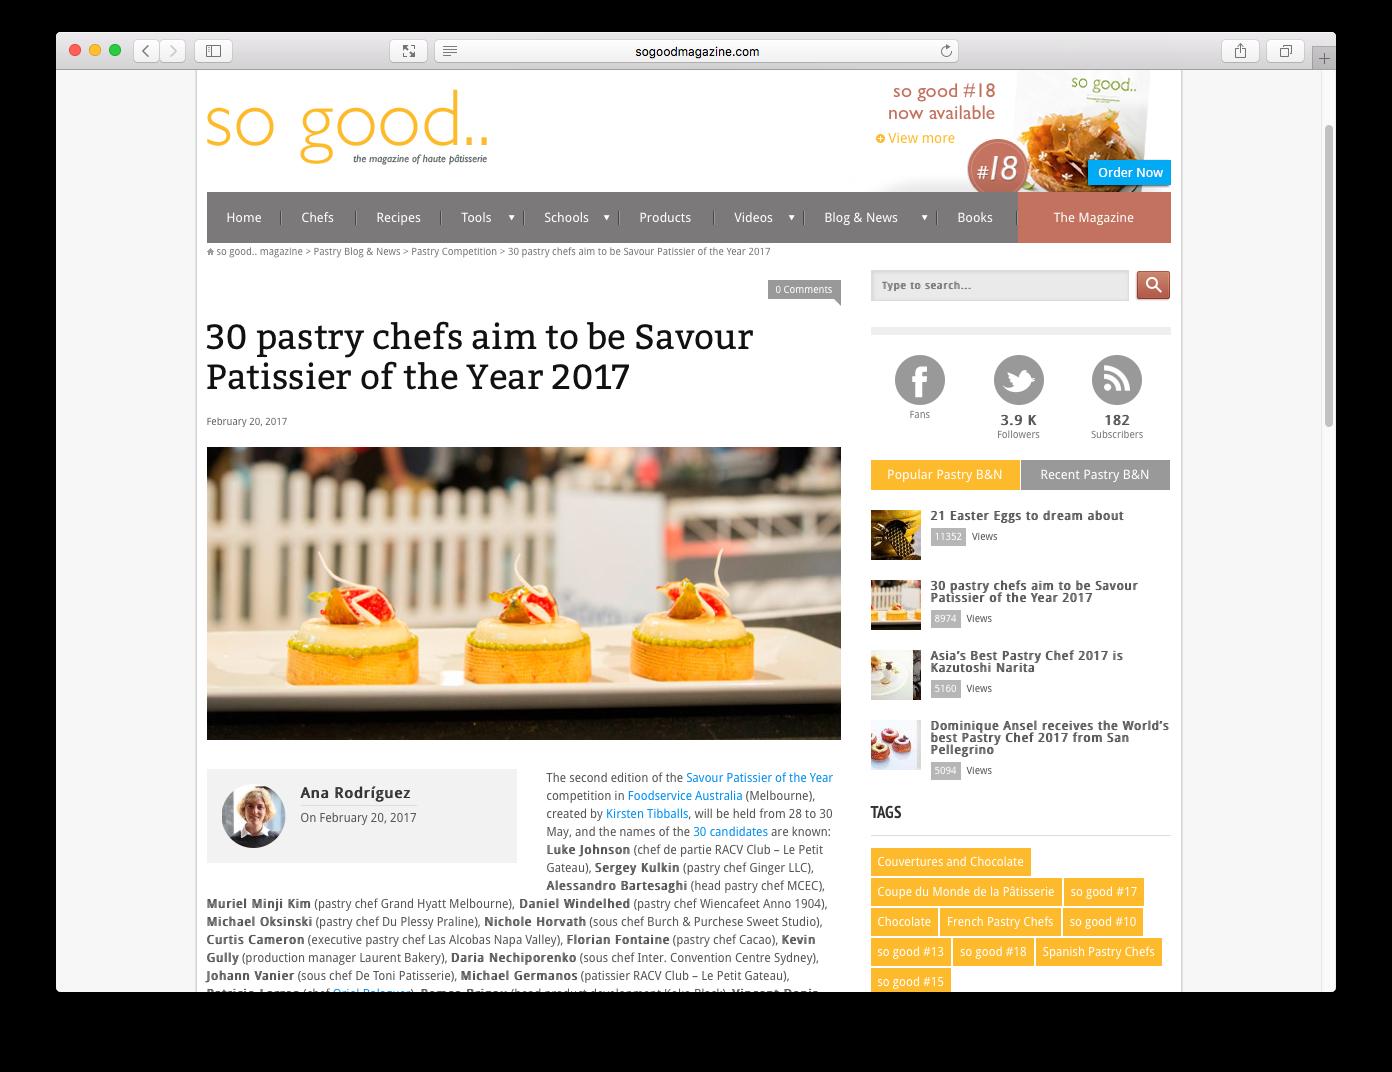 7 книг, чтобы научиться готовить сложные и простые десерты французской школы